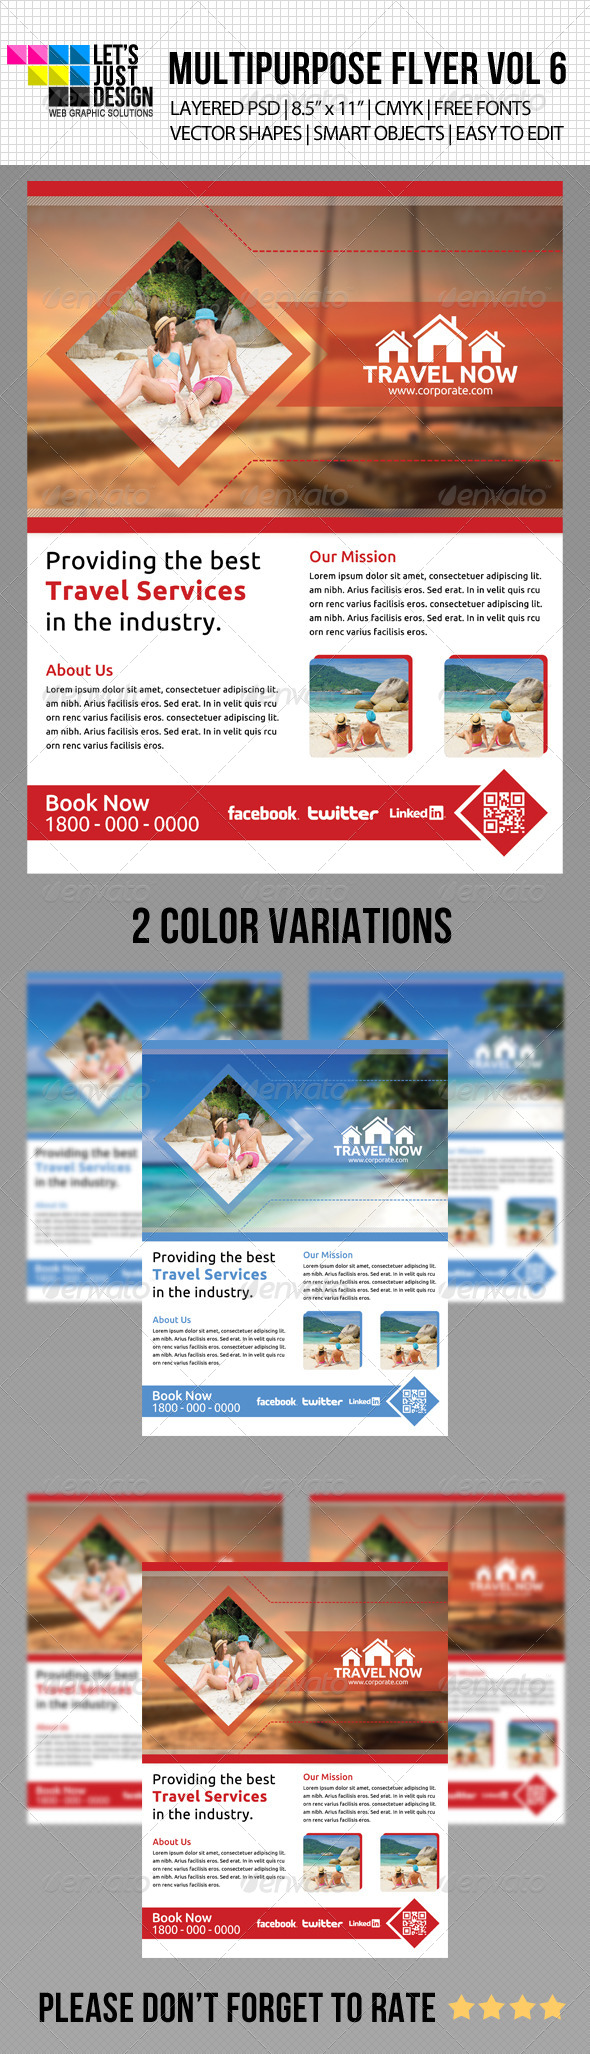 GraphicRiver Multipurpose Flyer Template Vol 6 5169408